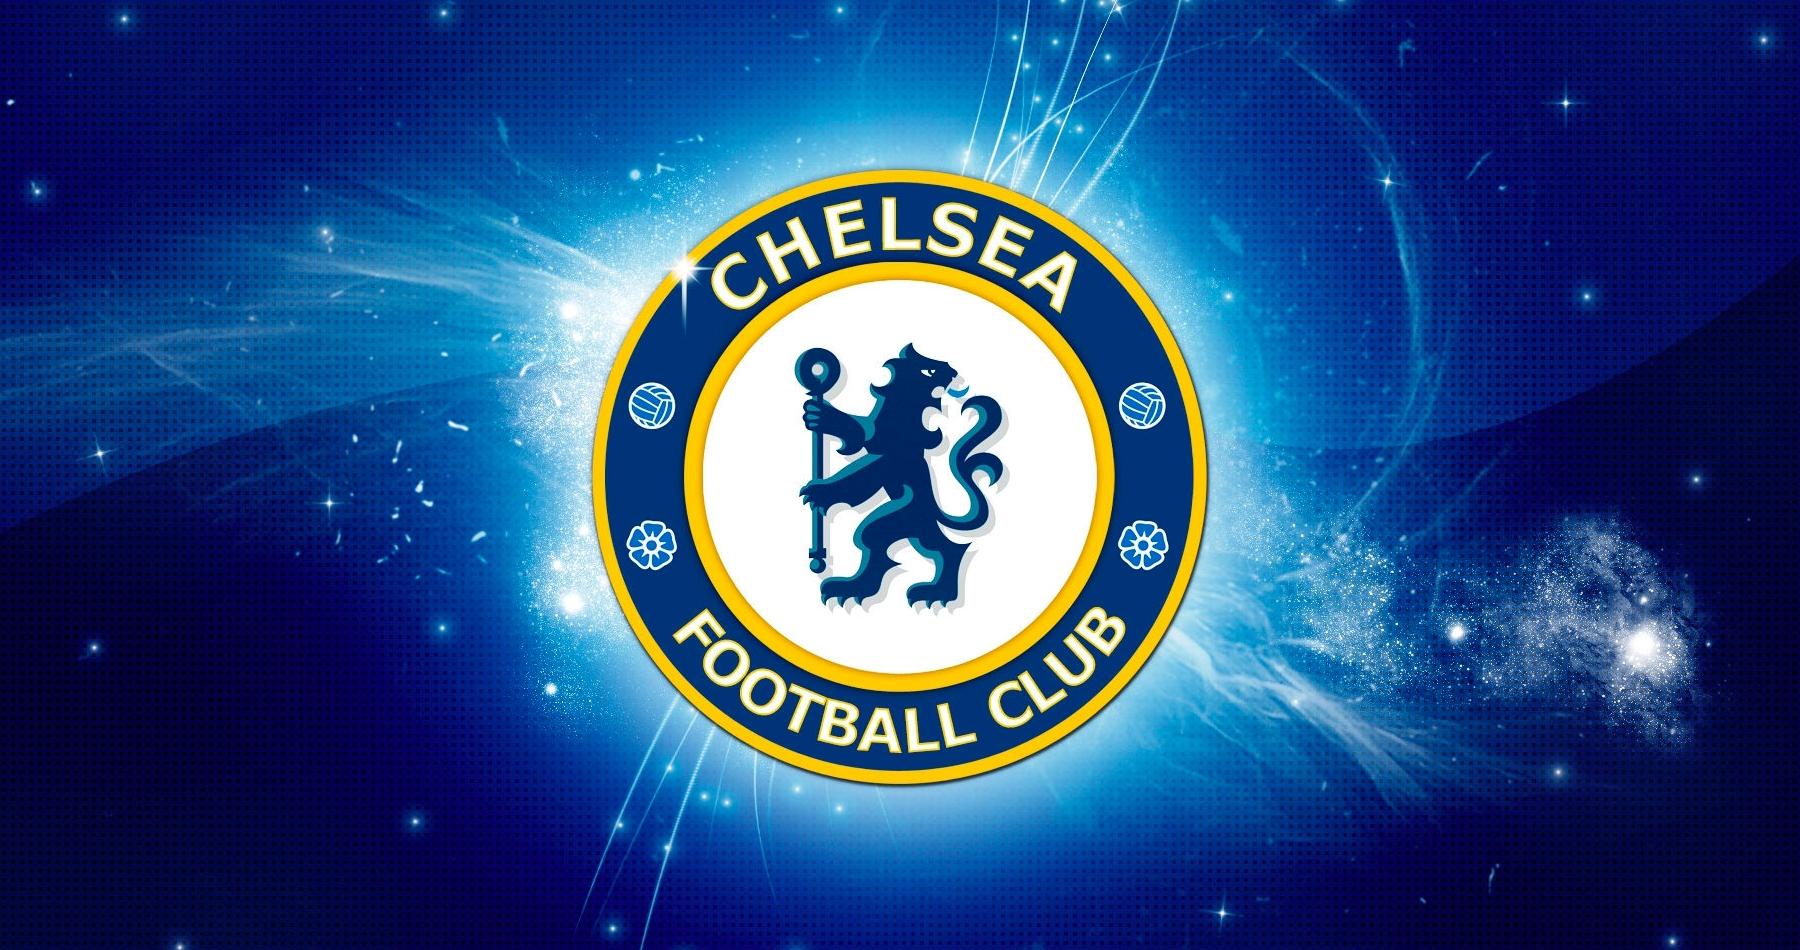 Chelsea có thể tăng thêm gần 128 triệu bảng cho các bản hợp đồng mới vào hè này